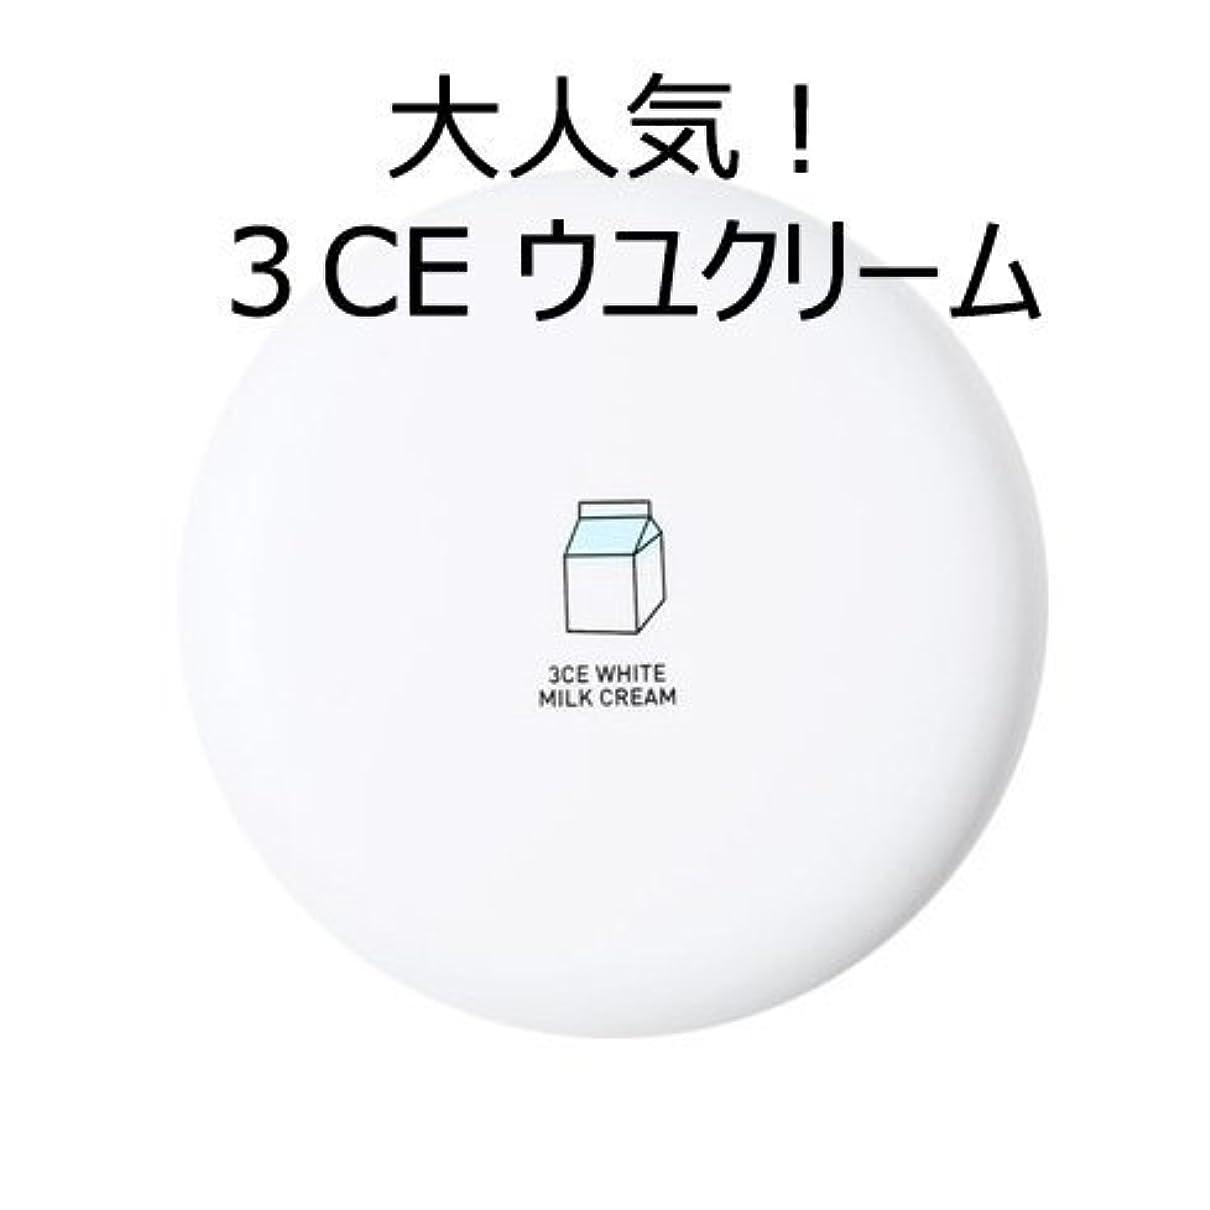 ヒギンズ曖昧なチューブ[3CE] [大人気!話題のウユクリーム] 3CE White Milk Cream [並行輸入品]